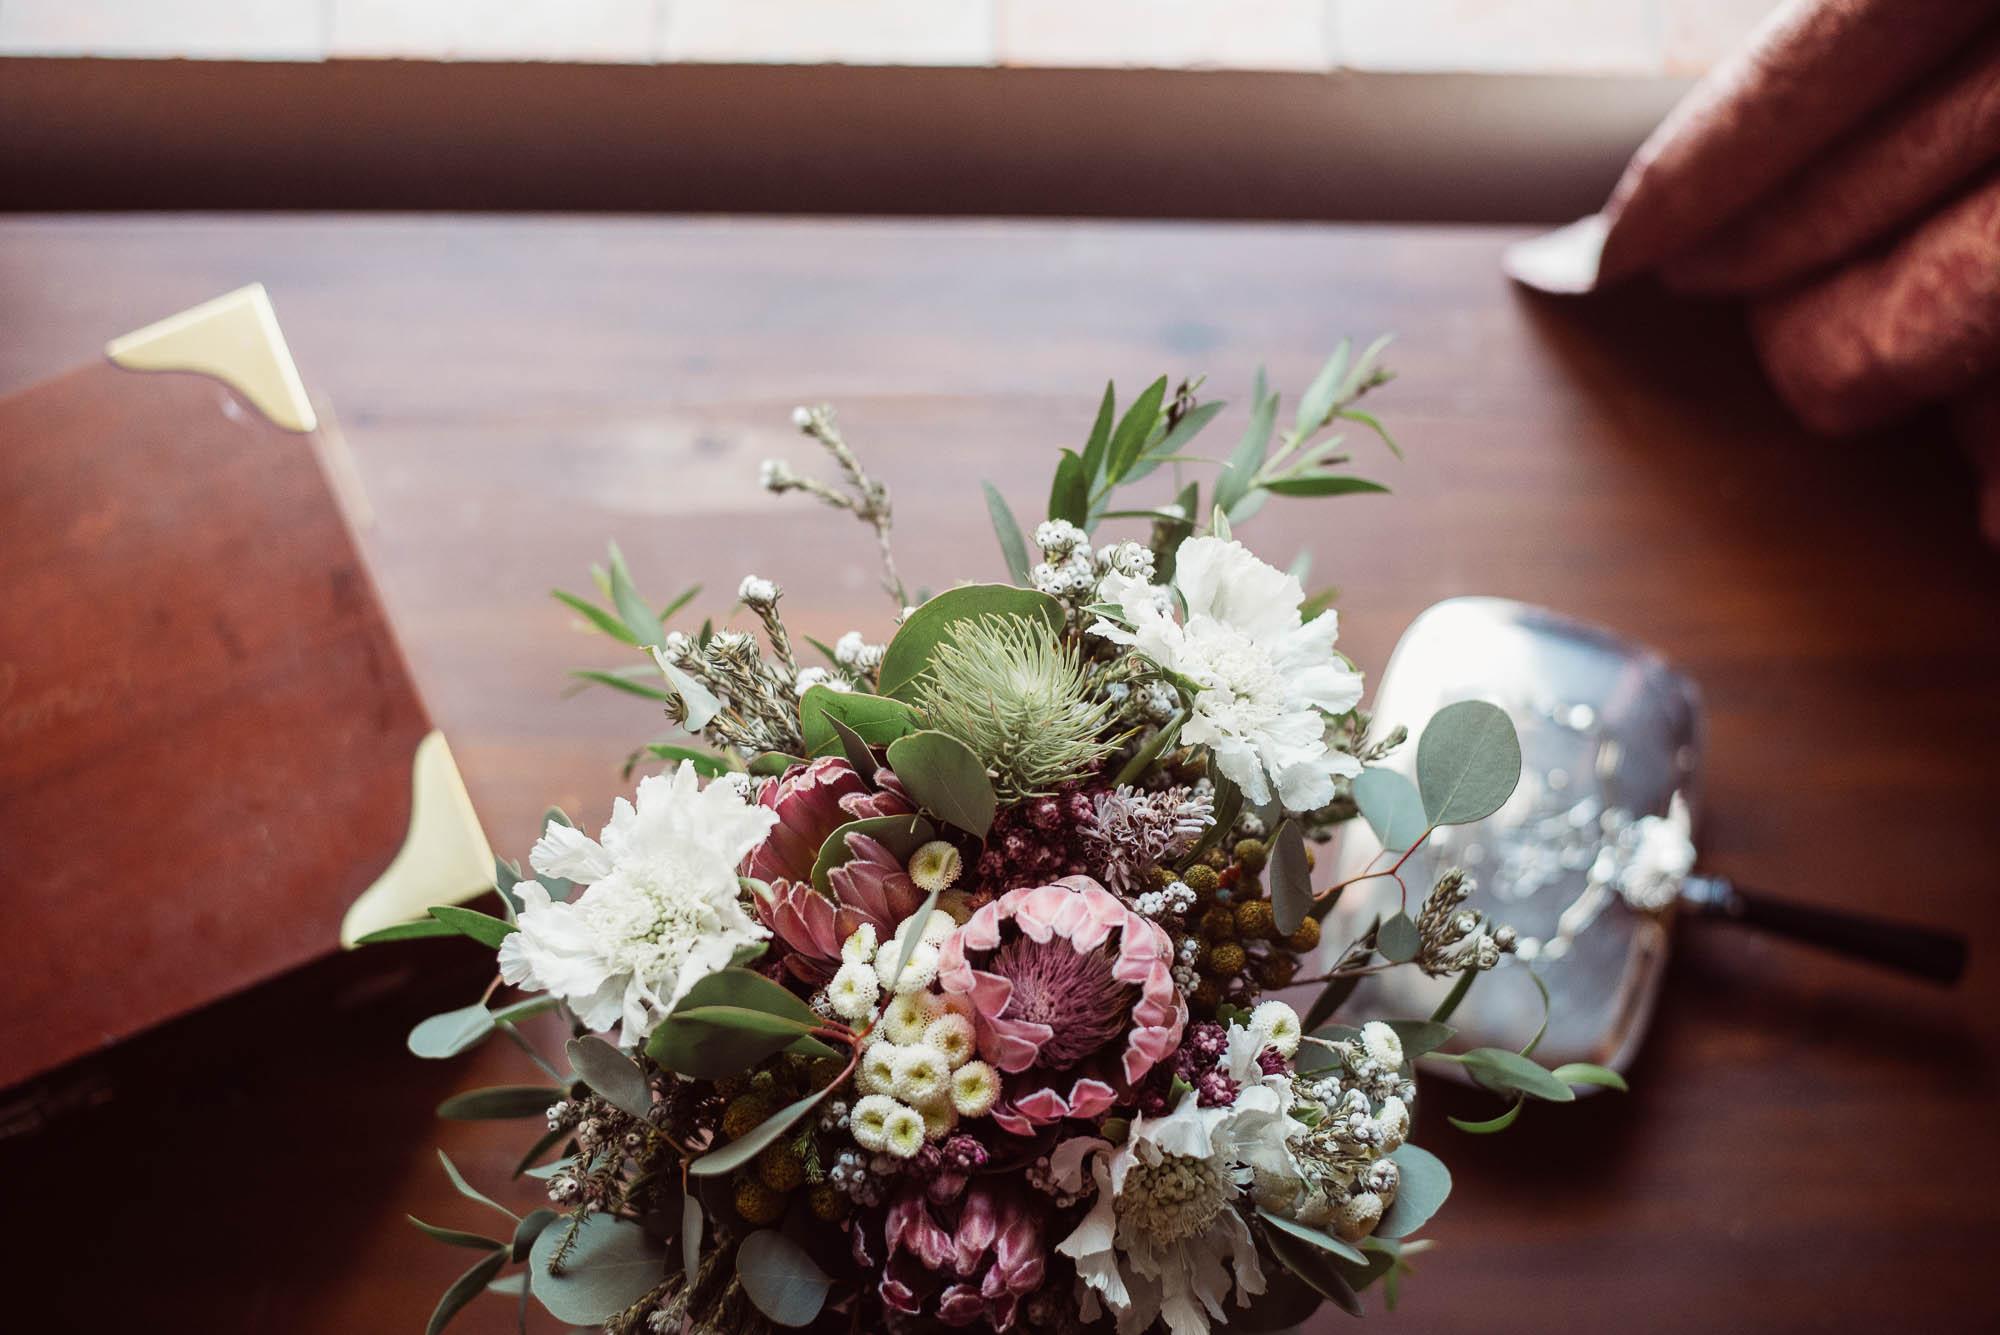 El ramo de la novia durante los preparativos